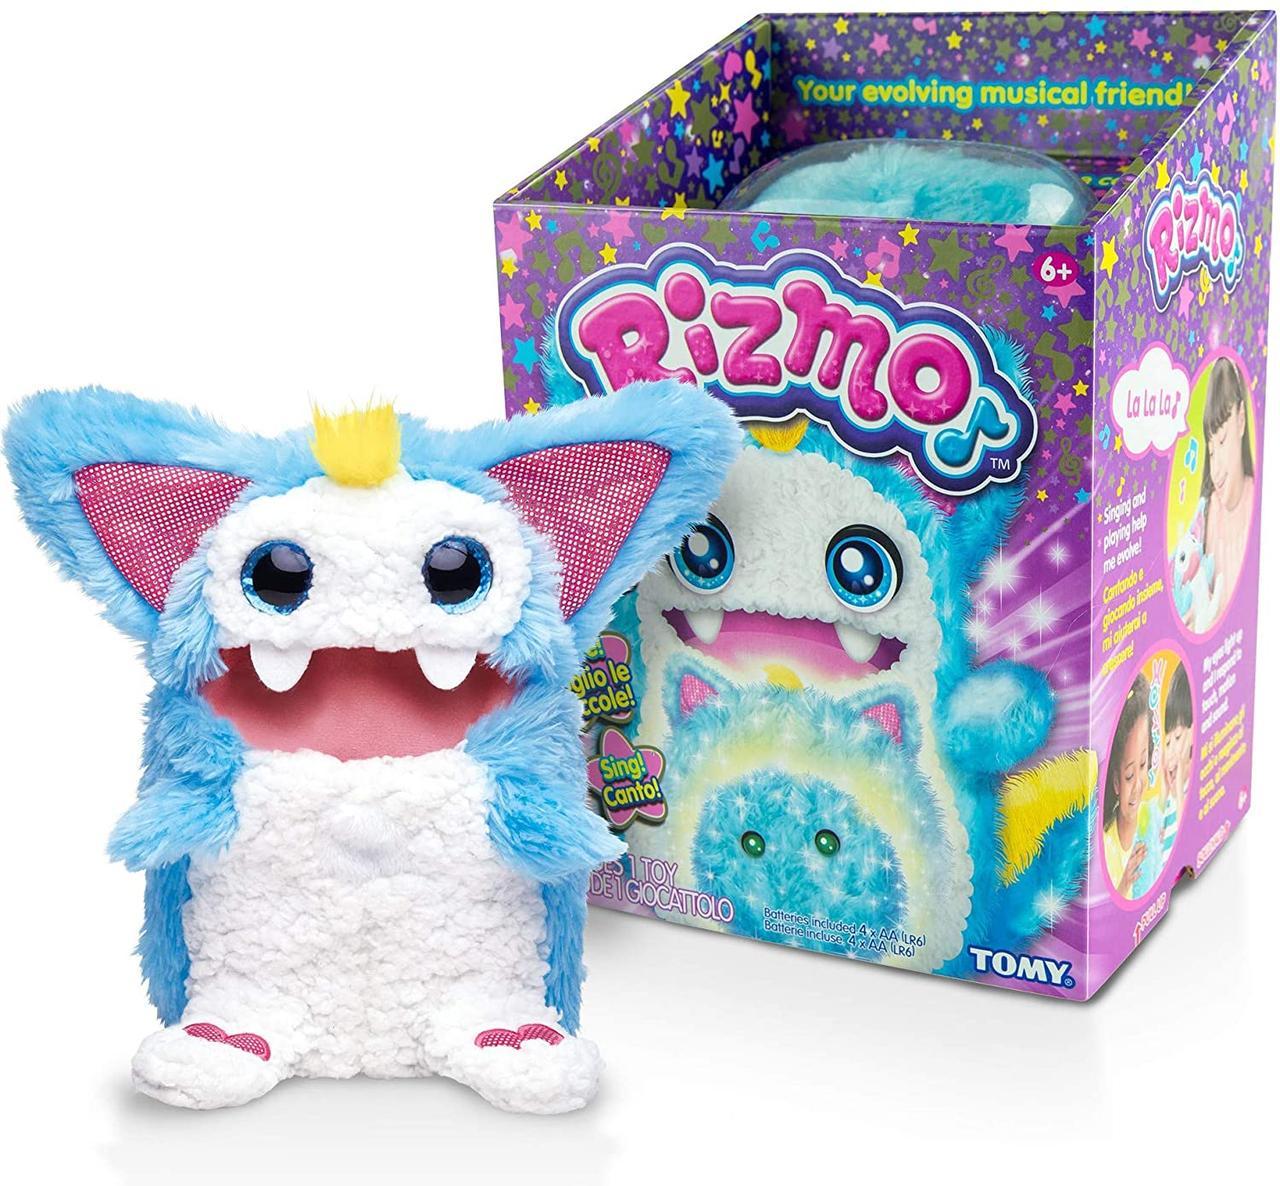 Интерактивная игрушка Ризмо Rizmo Evolving Musical Friend Оригинал